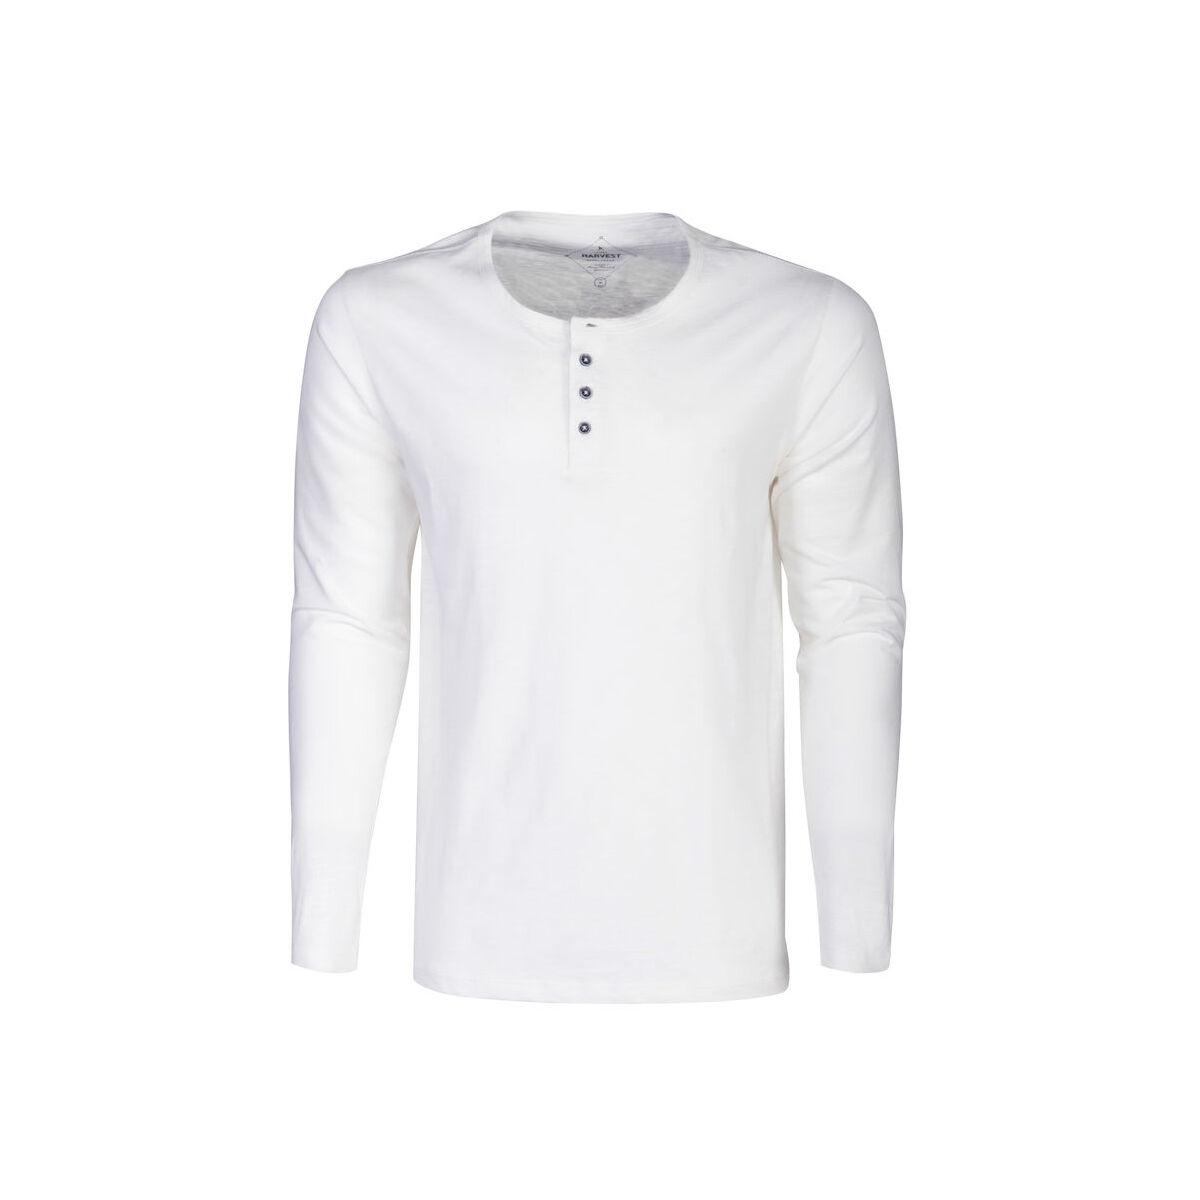 Harvest Long Sleeved Sweater (Men's White)